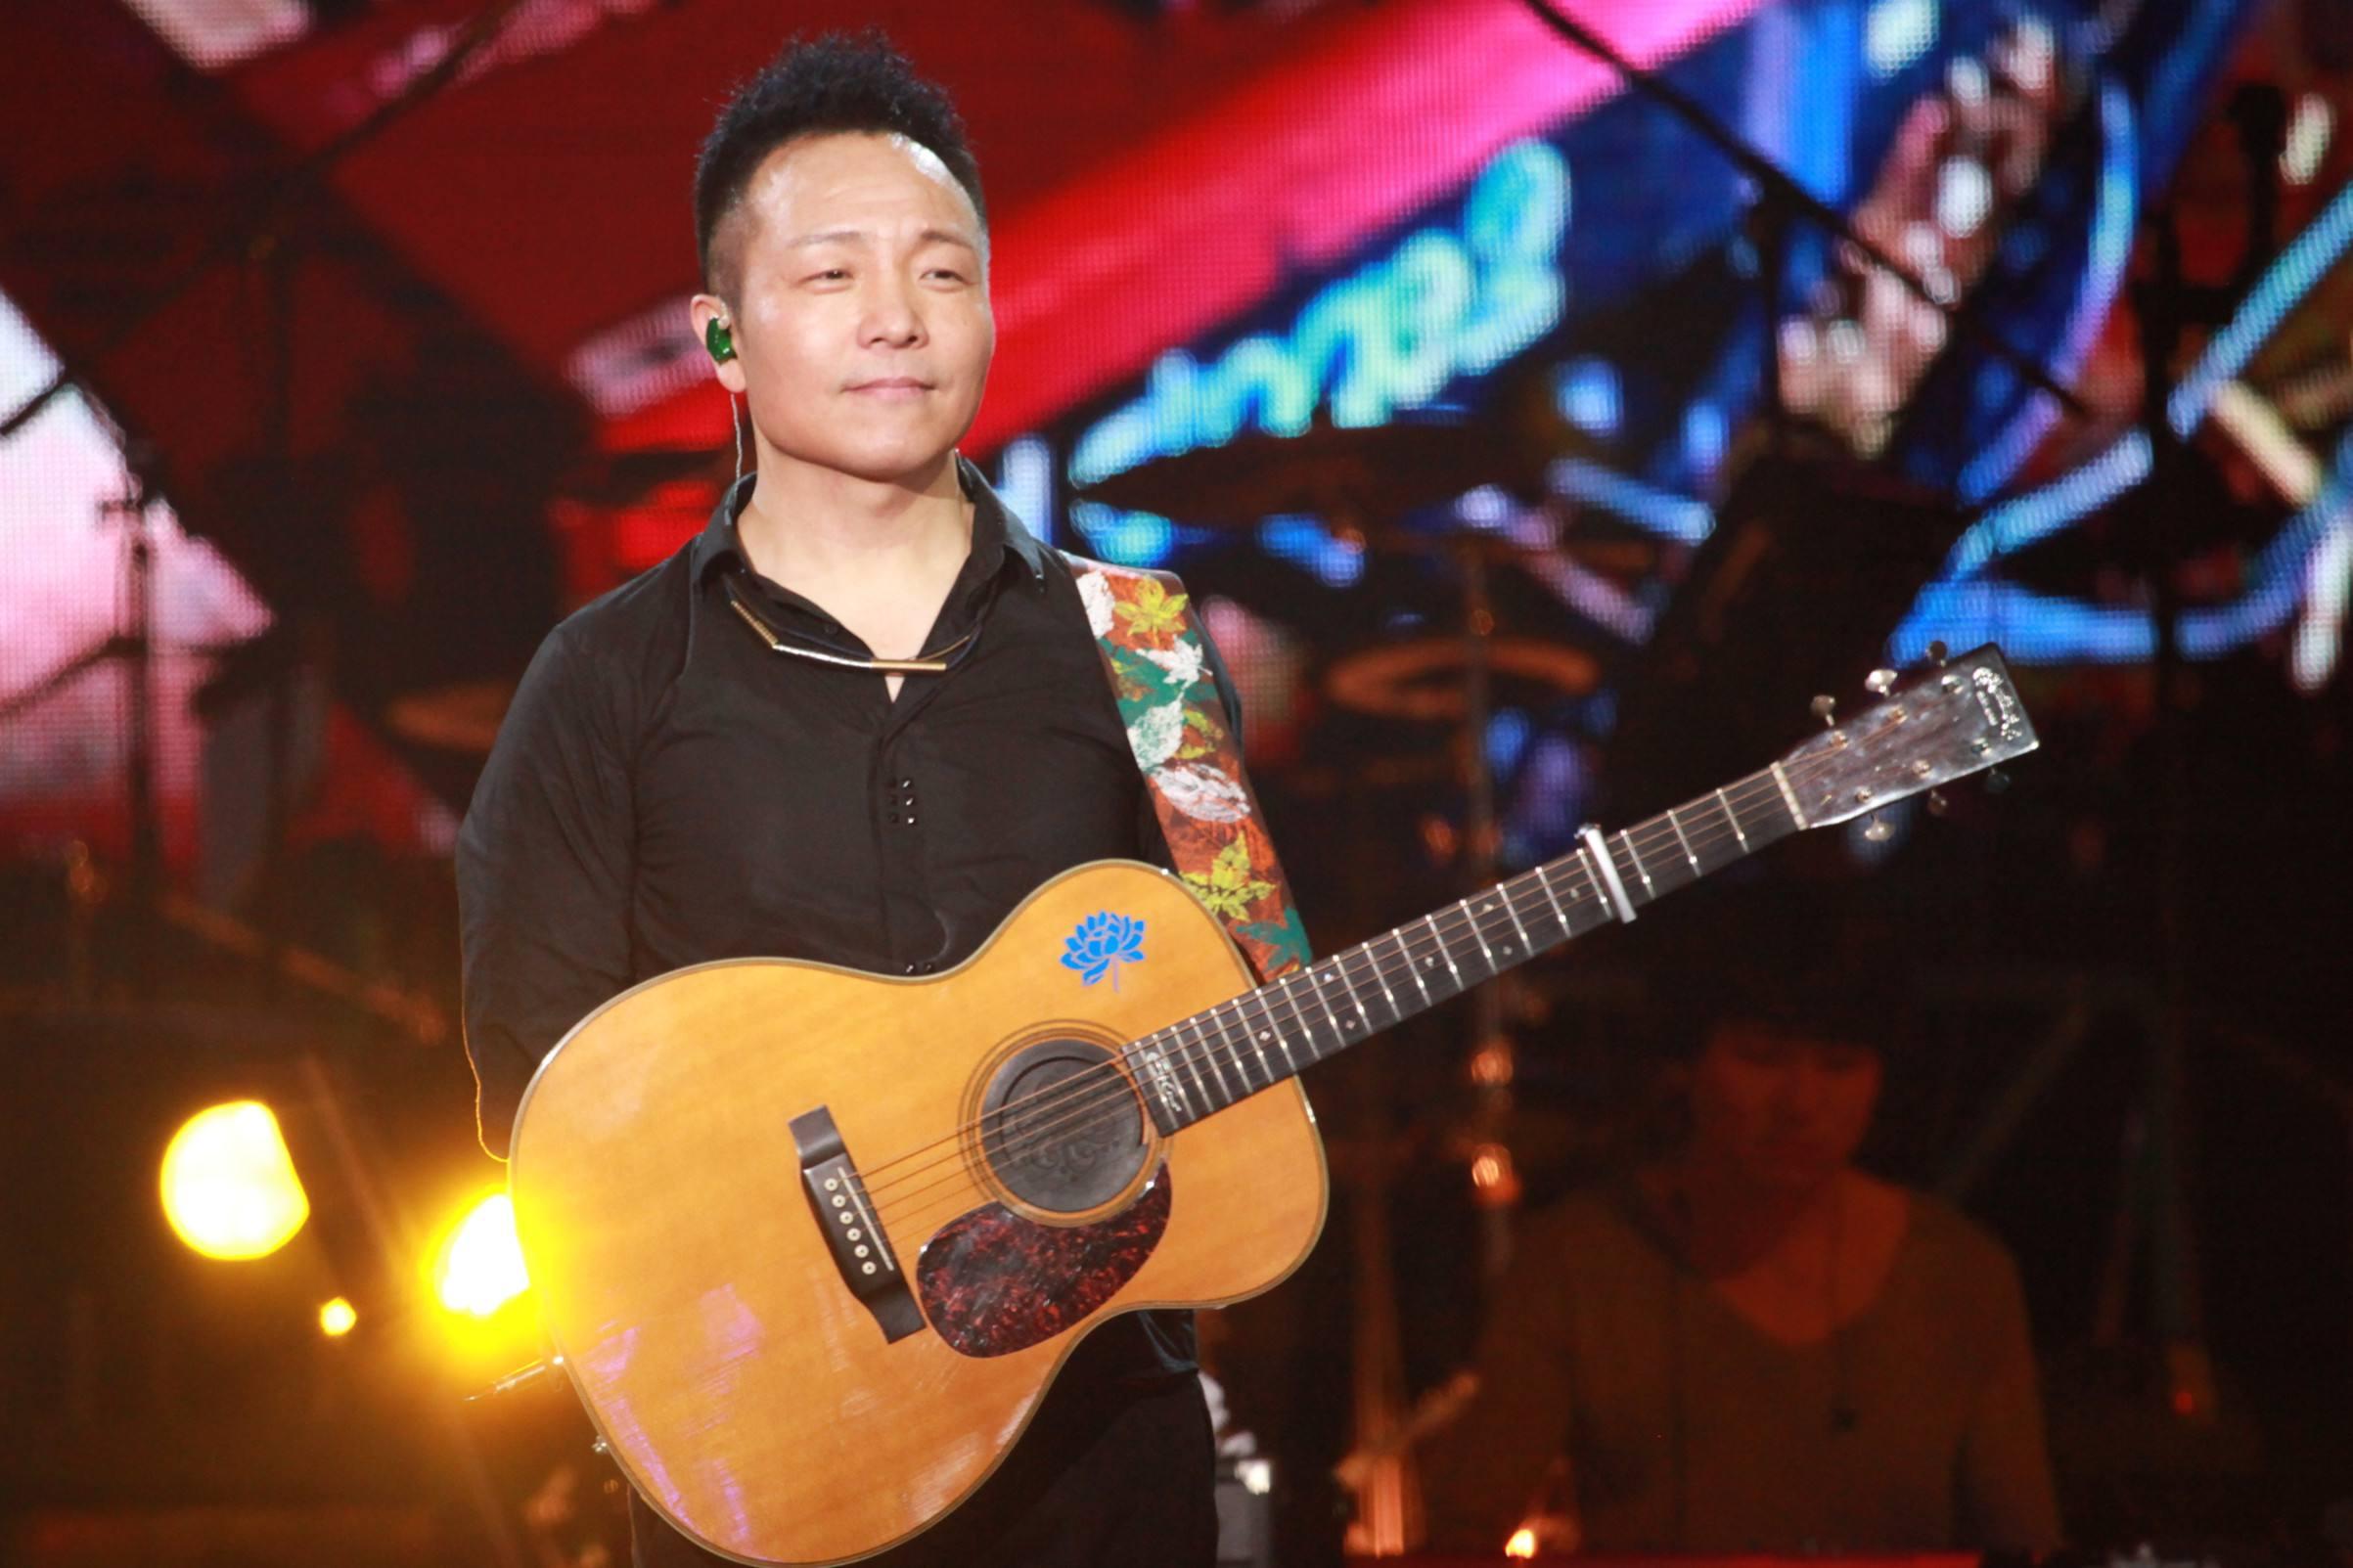 2021温州泰顺不止音乐节时间、地点、阵容